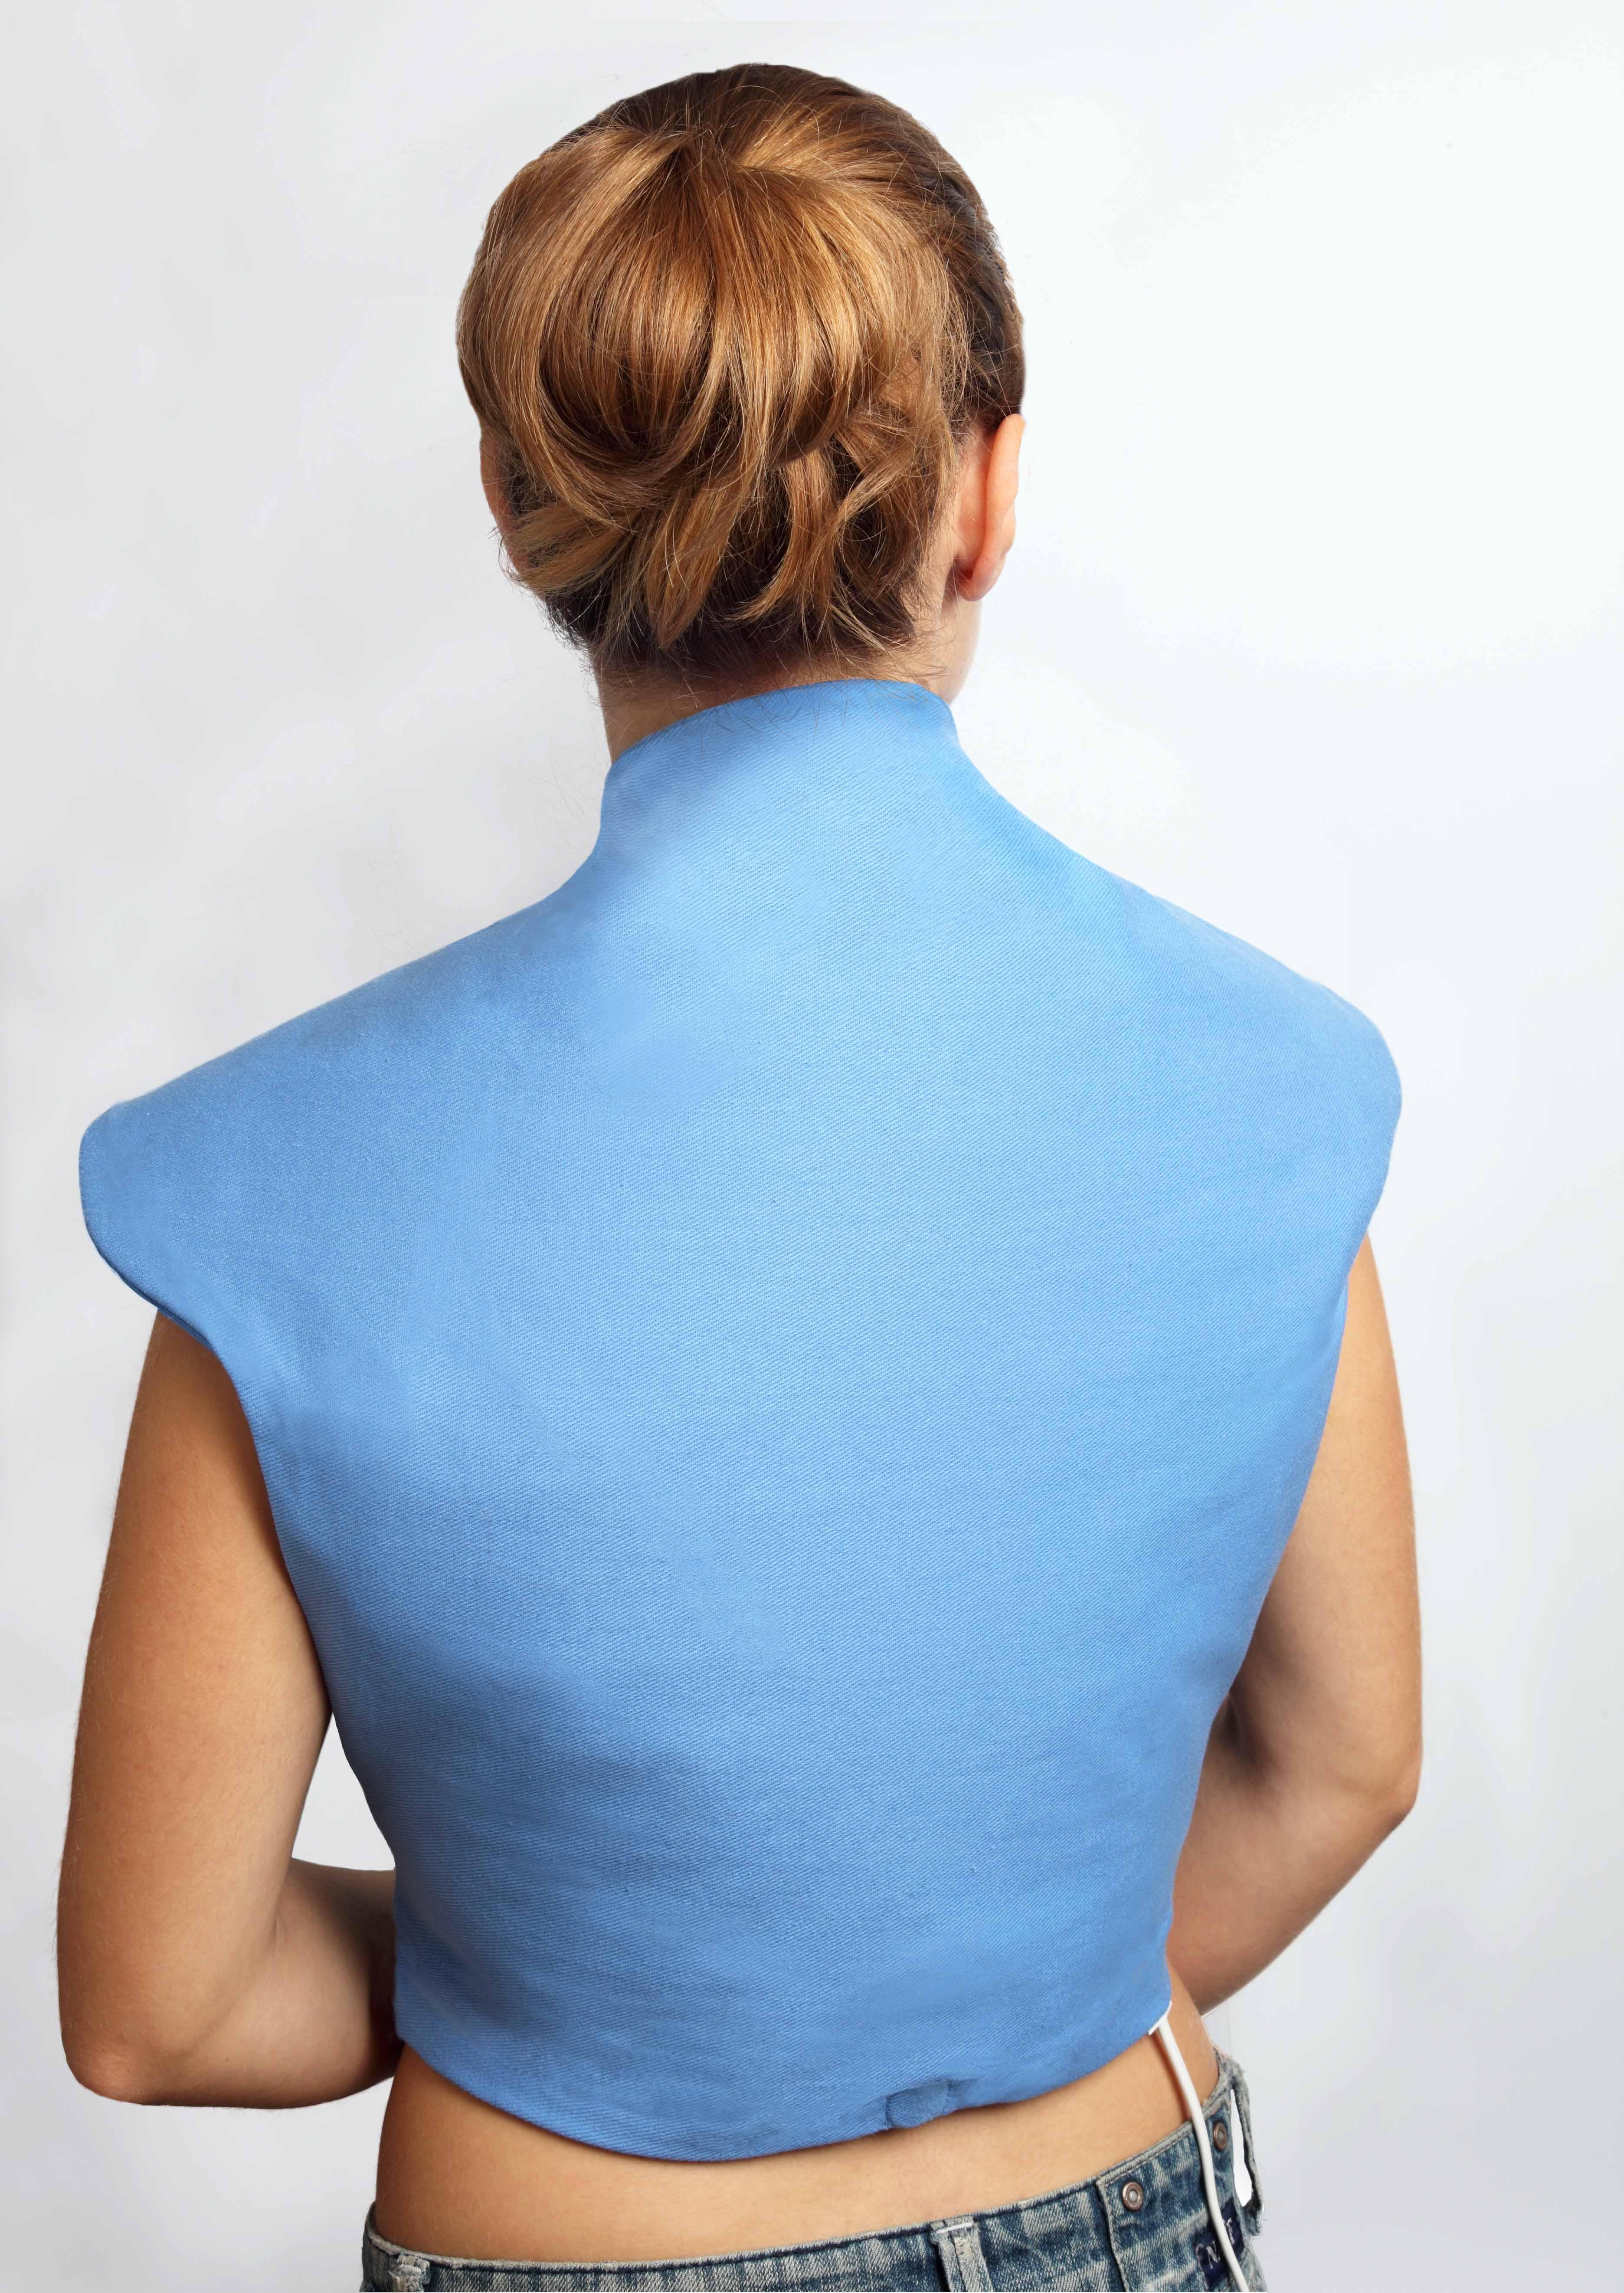 Pekatherm S40   Almohadilla especial cervical hombros espalda, 57